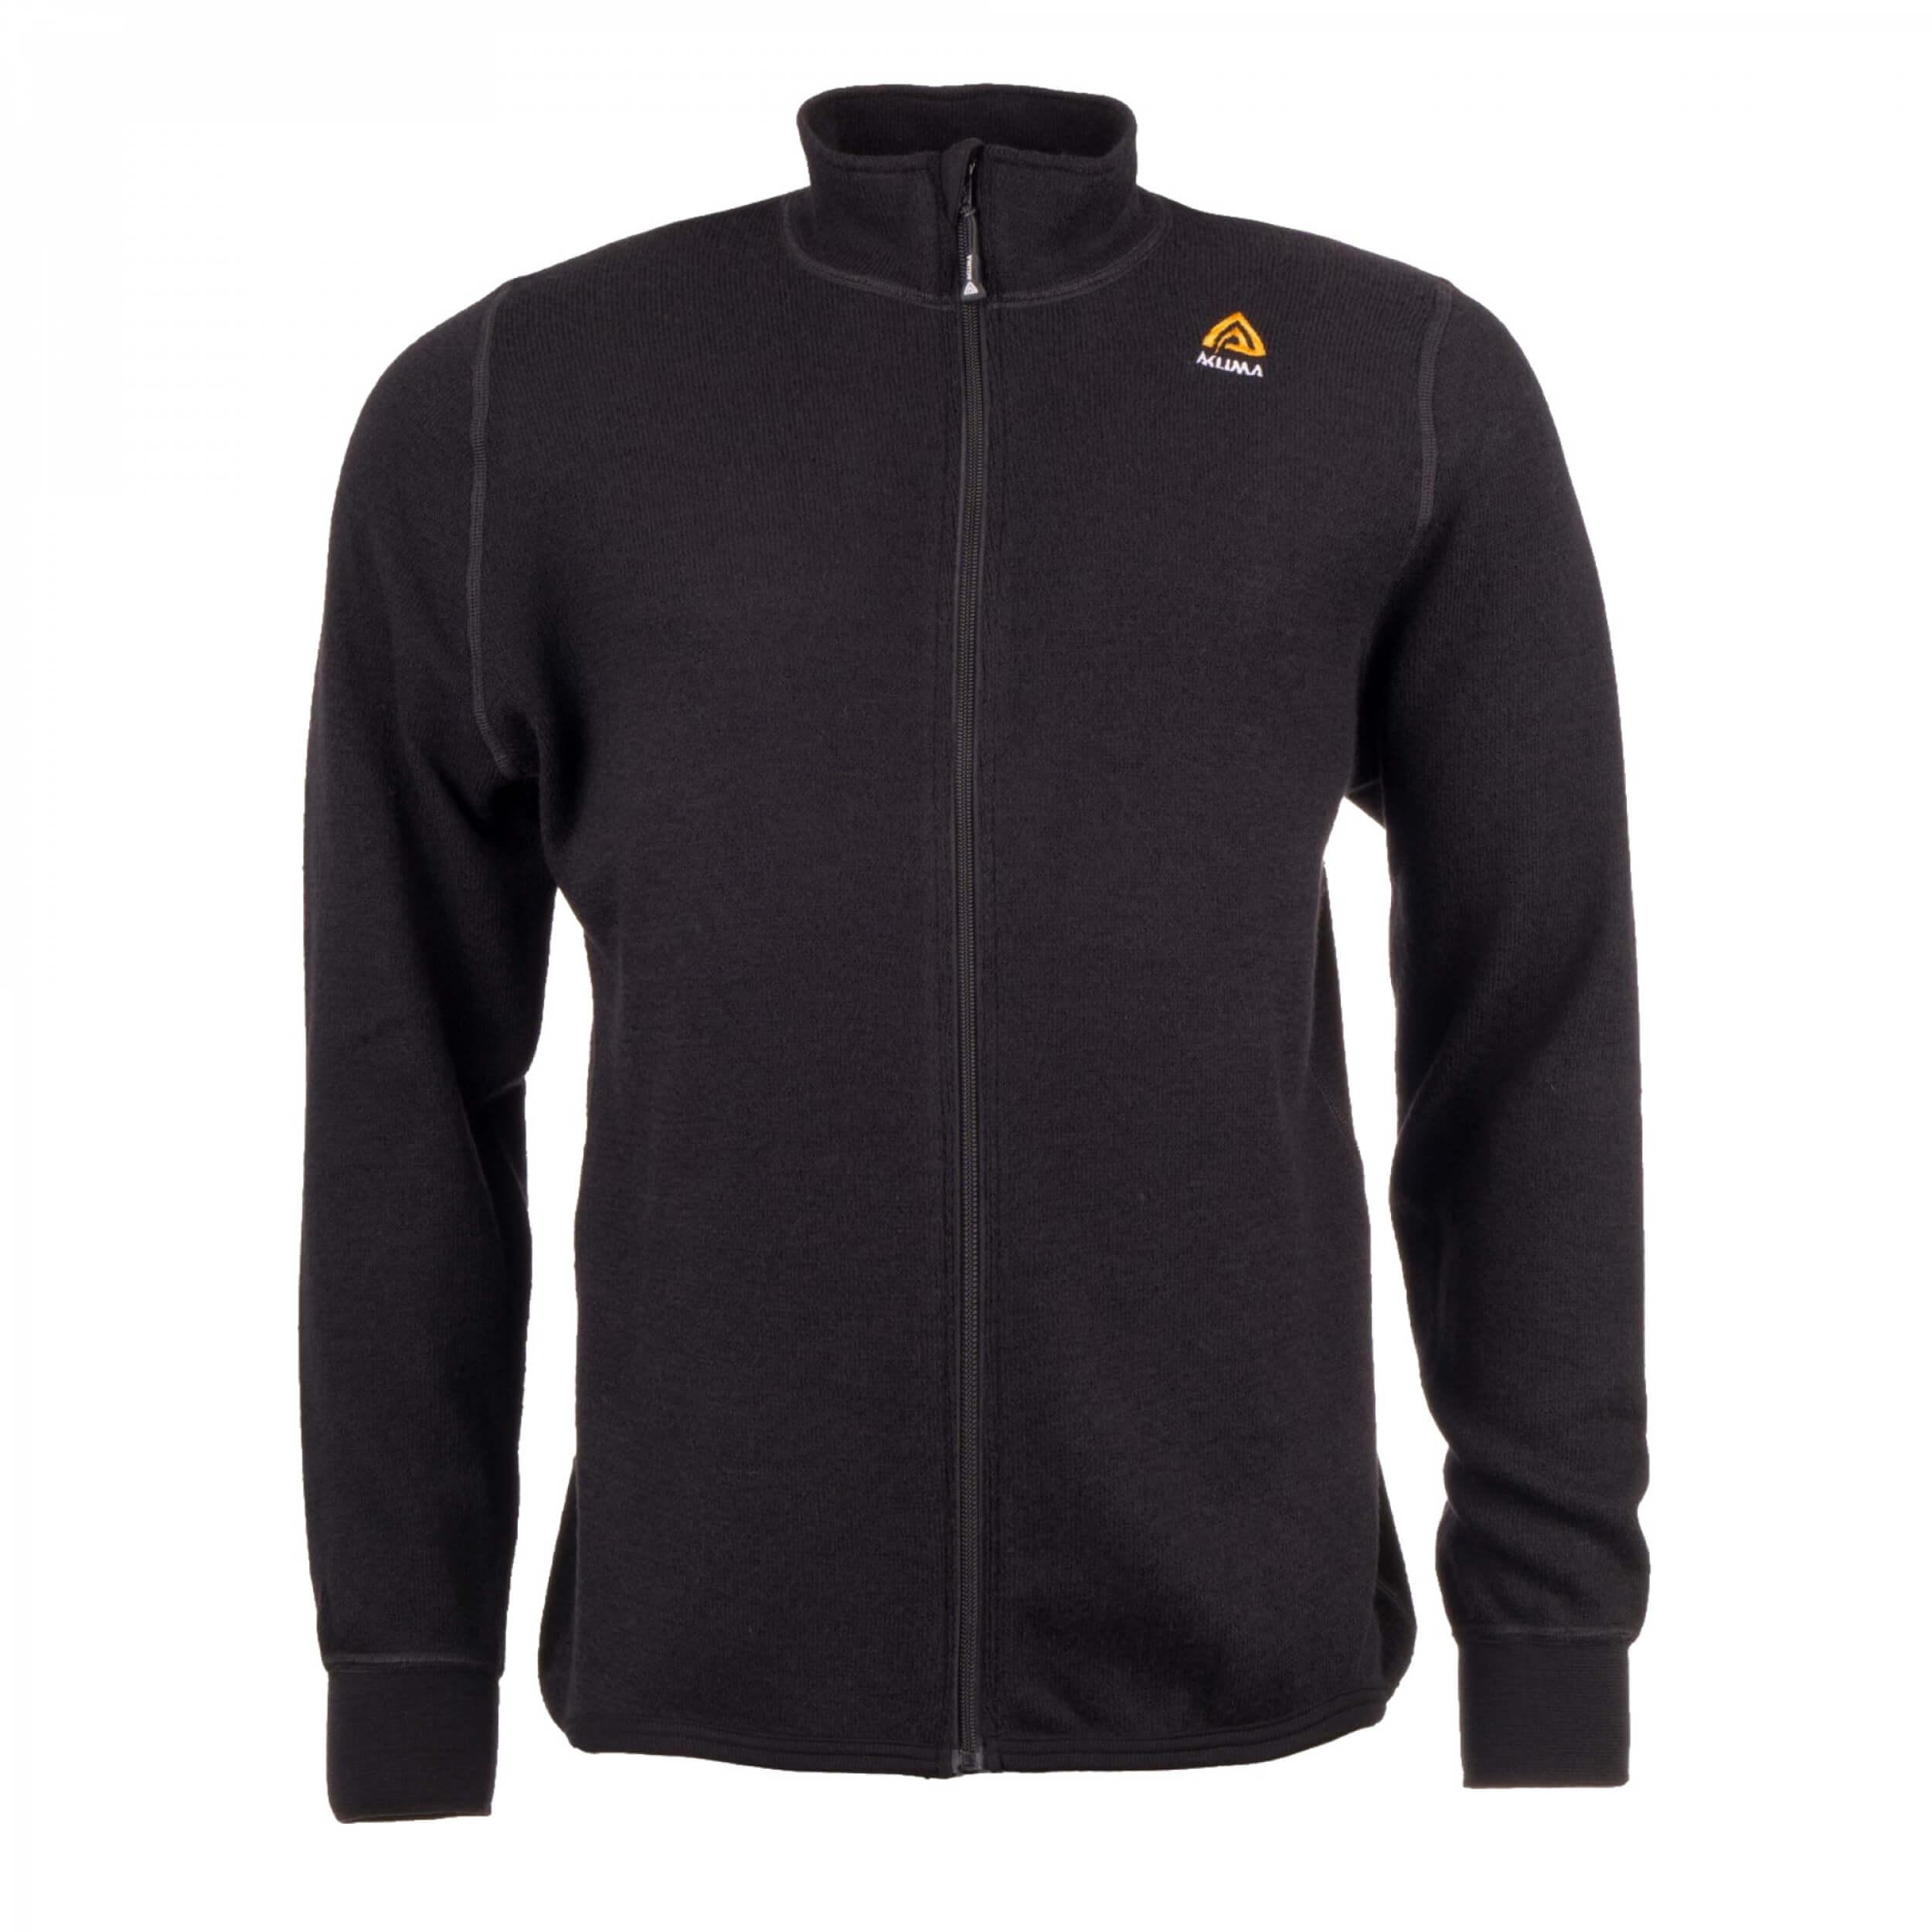 Aclima Hotwool Jacket Basic Jet Black